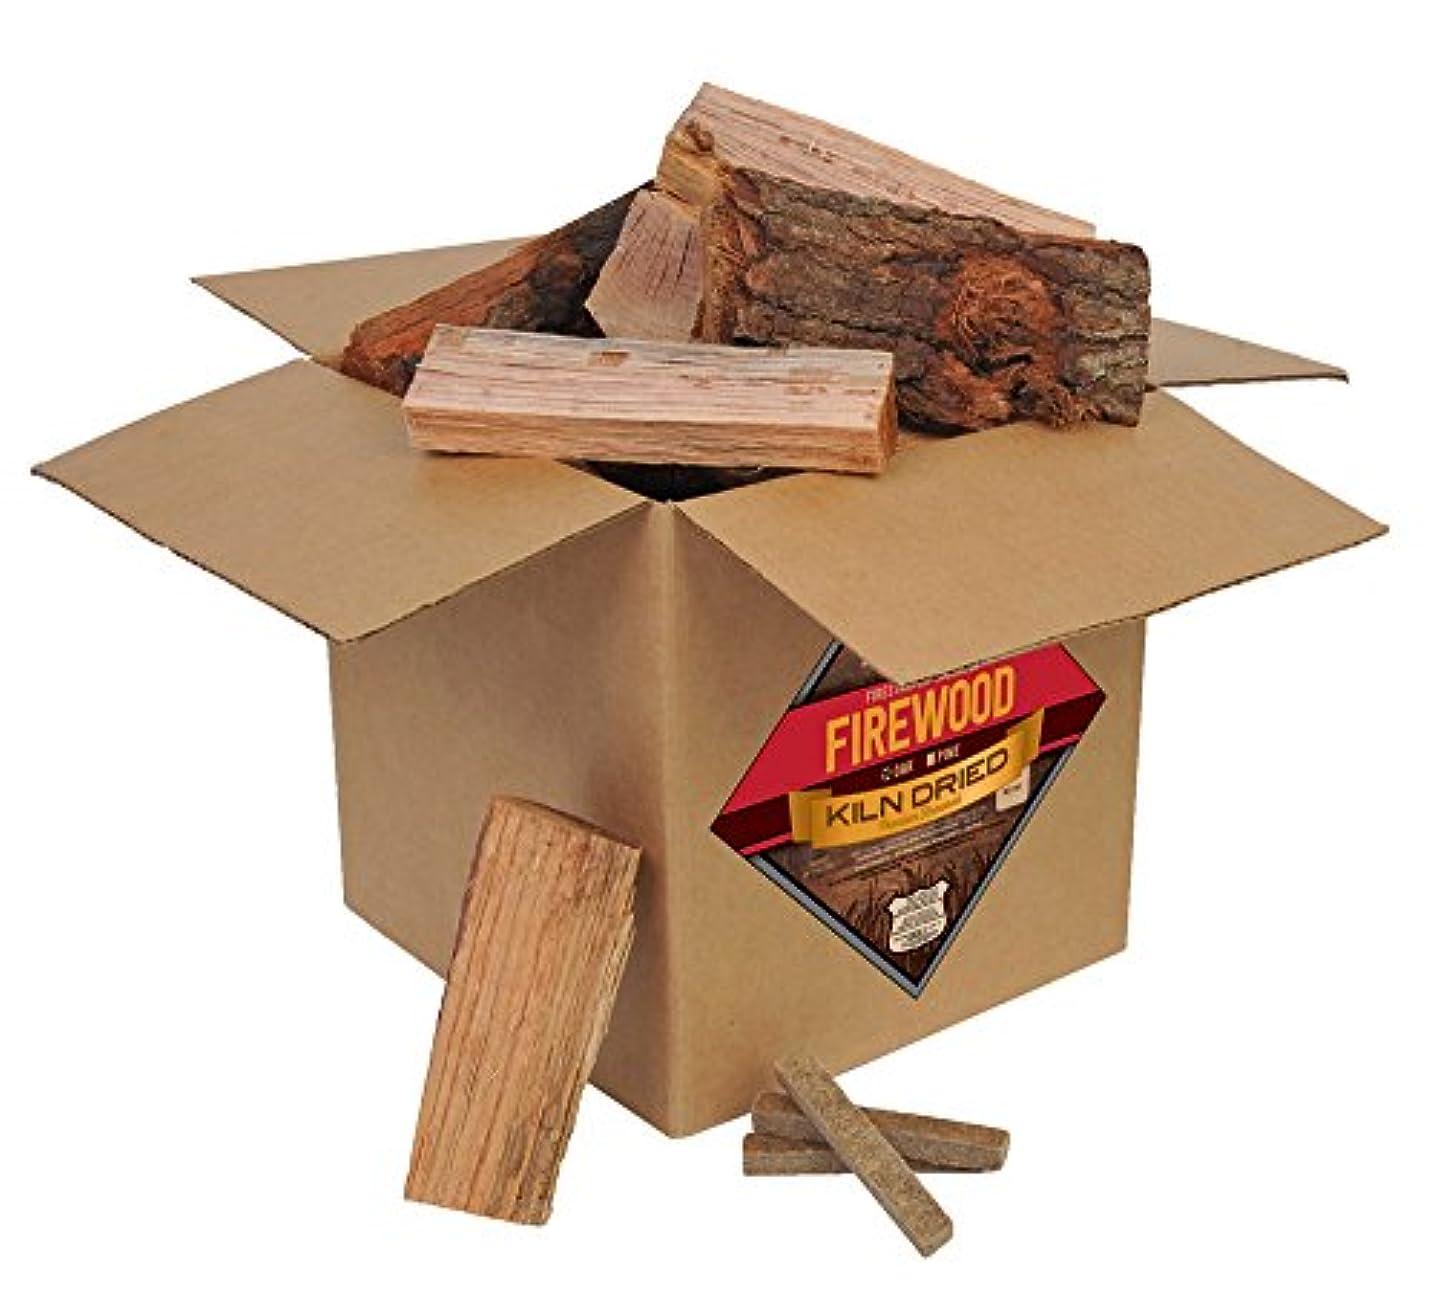 Firewood - Kiln Dried Premium Oak Firewood